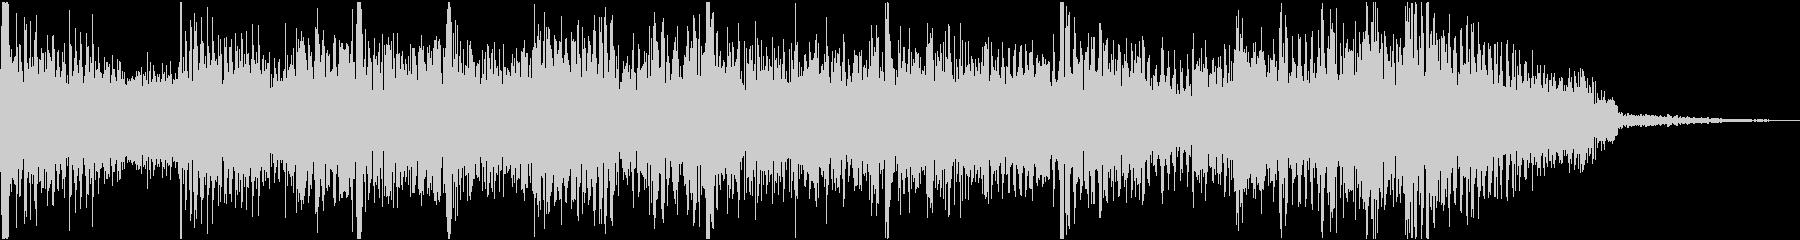 シンプルなロック調ショートイントロの未再生の波形